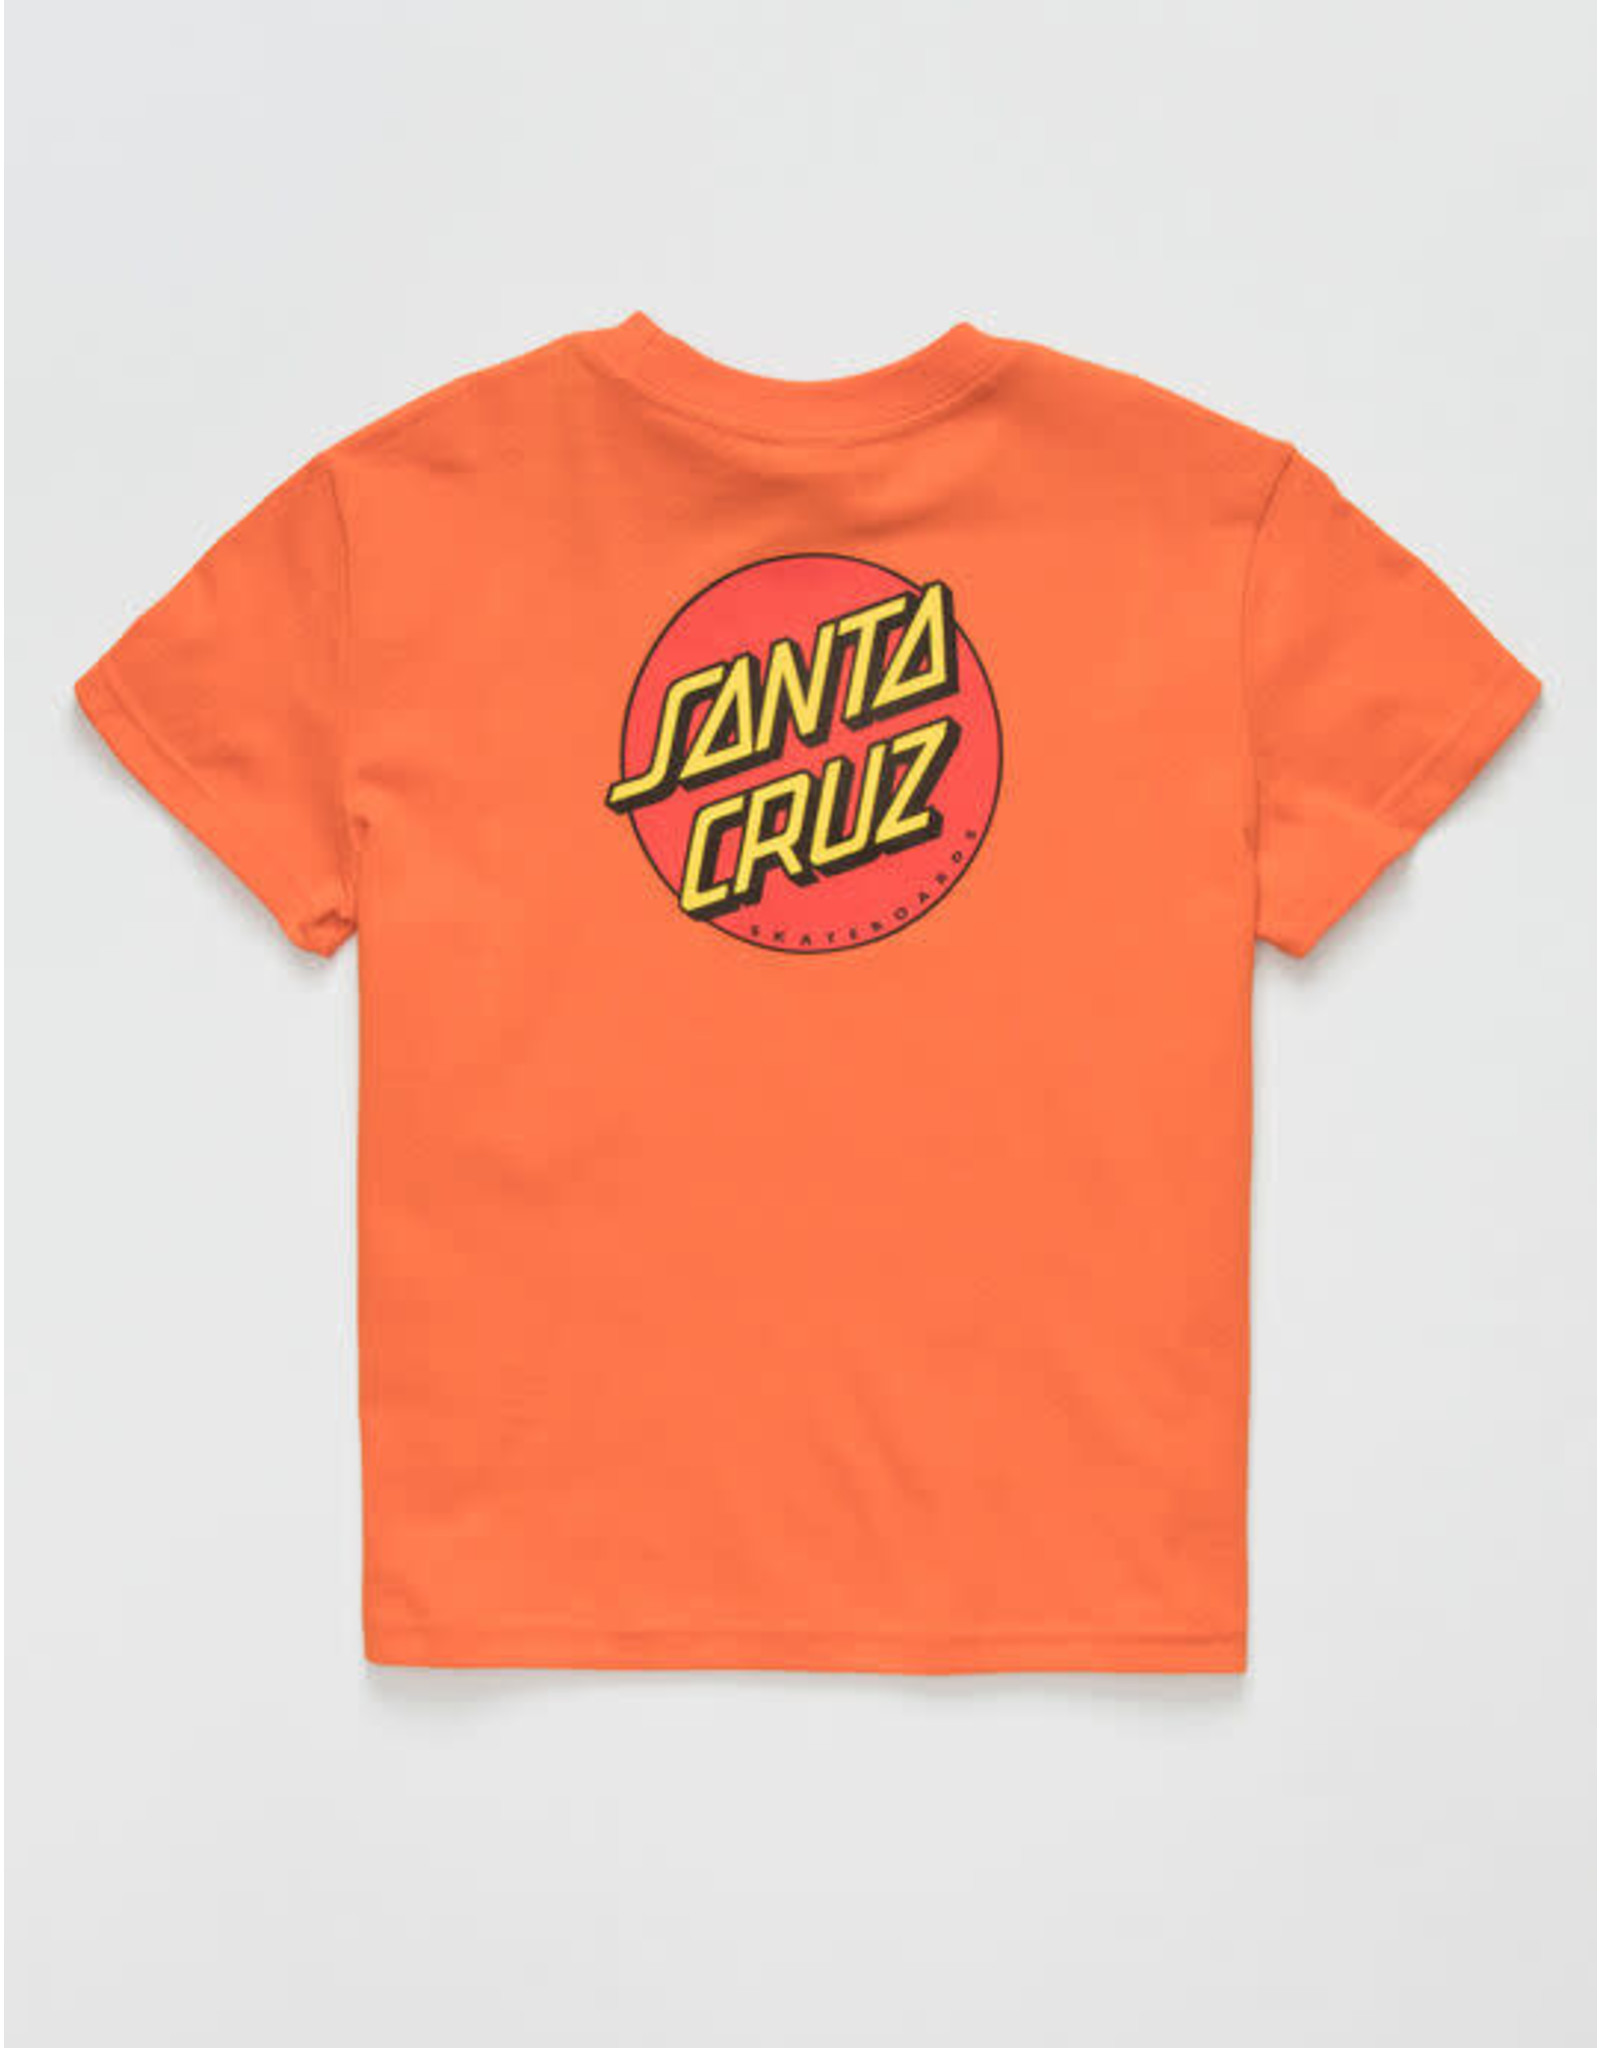 Santa Cruz Logo T-shirt